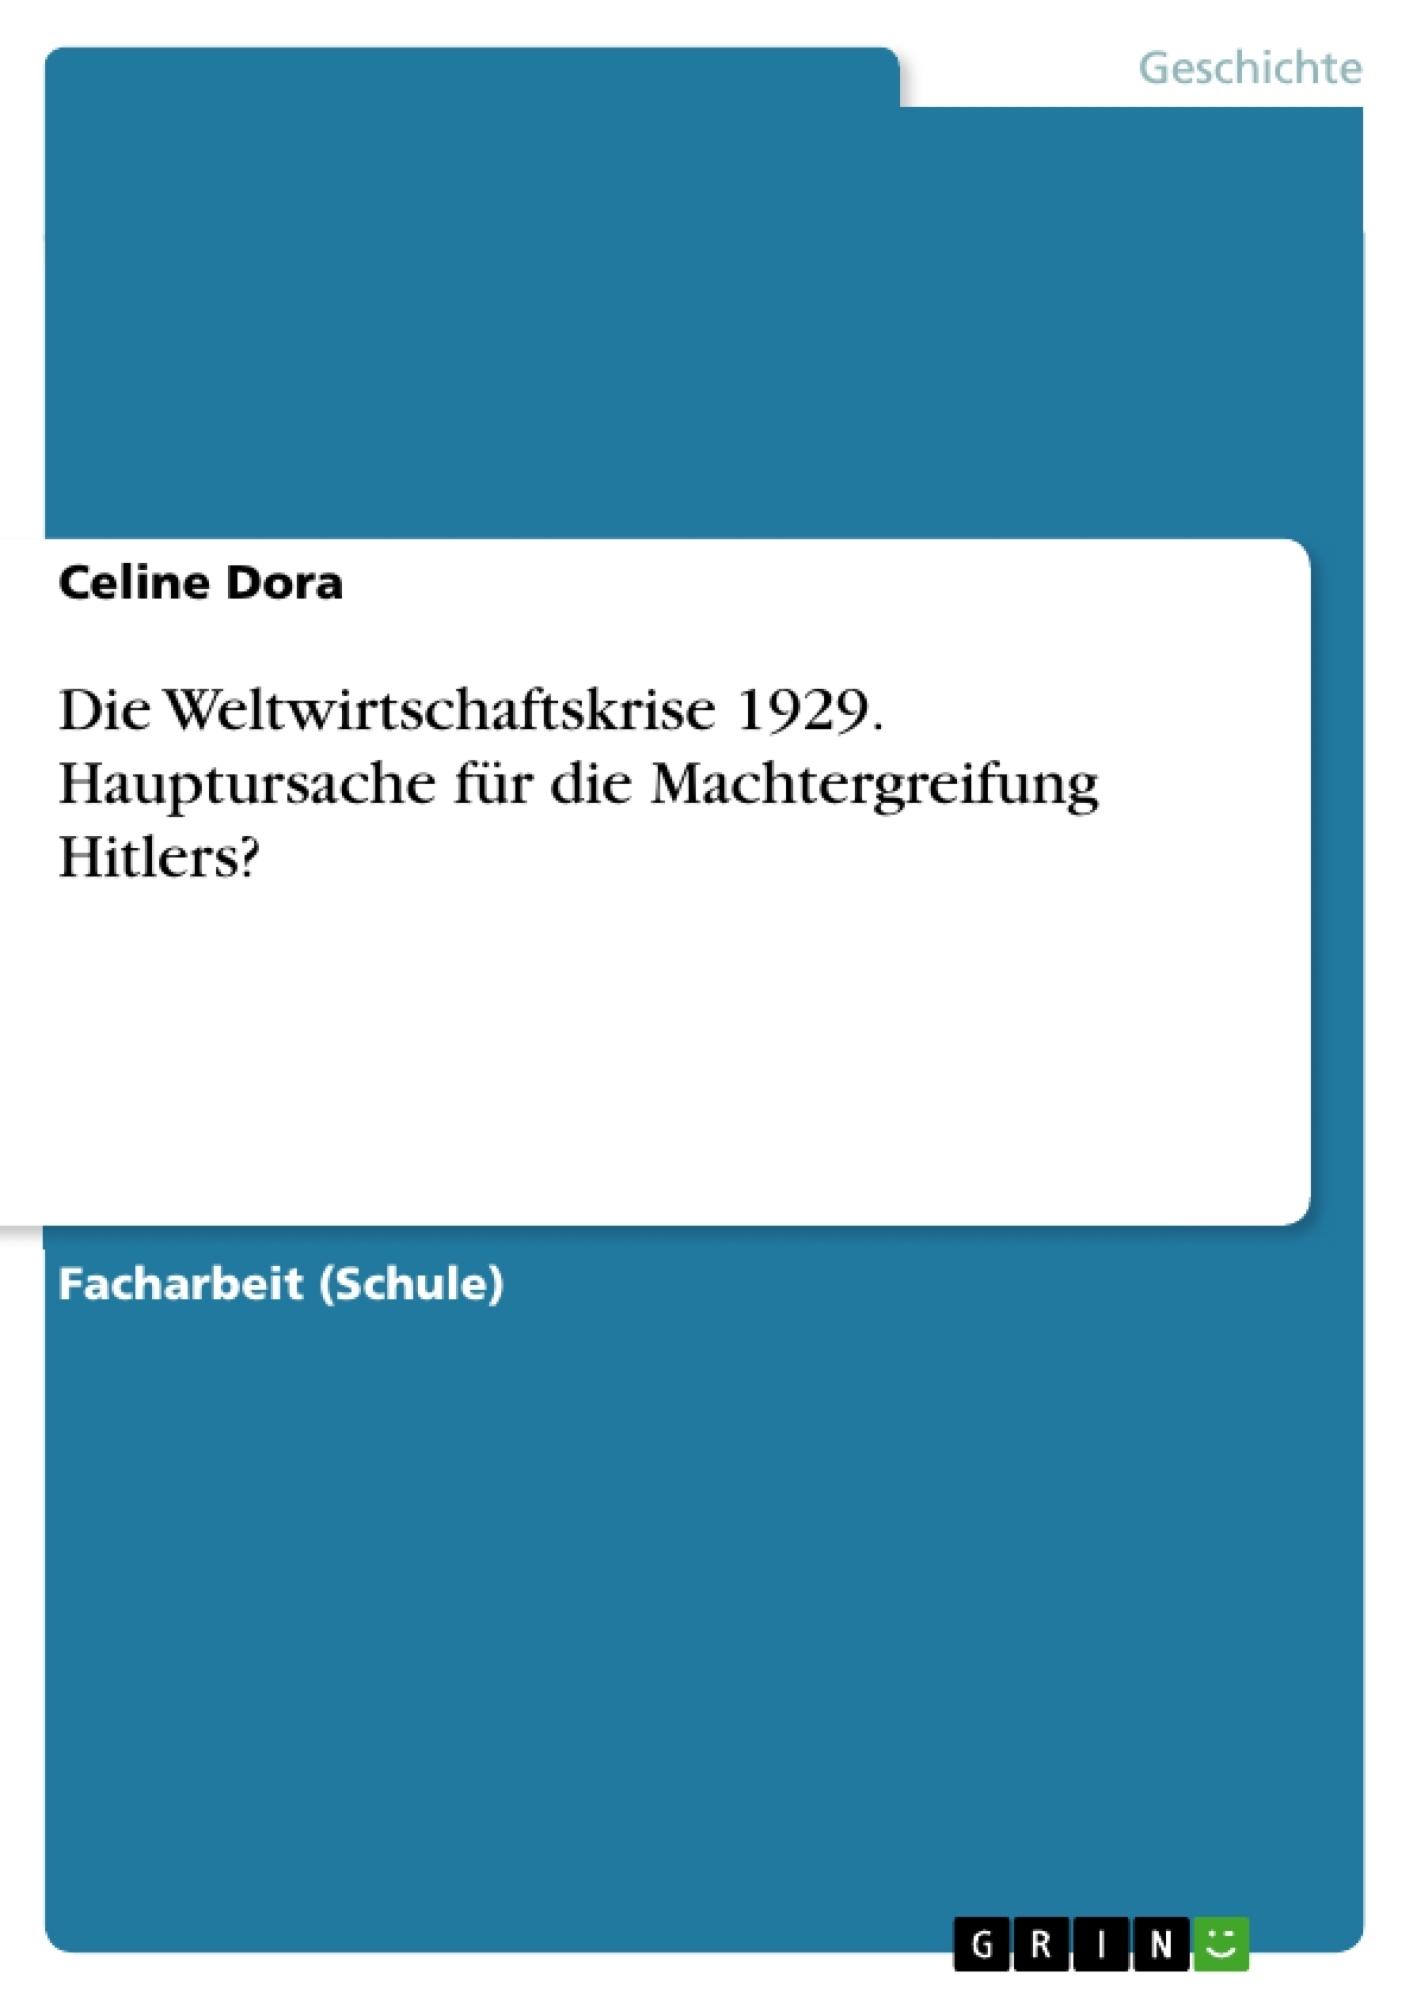 Titel: Die Weltwirtschaftskrise 1929. Hauptursache für die Machtergreifung Hitlers?